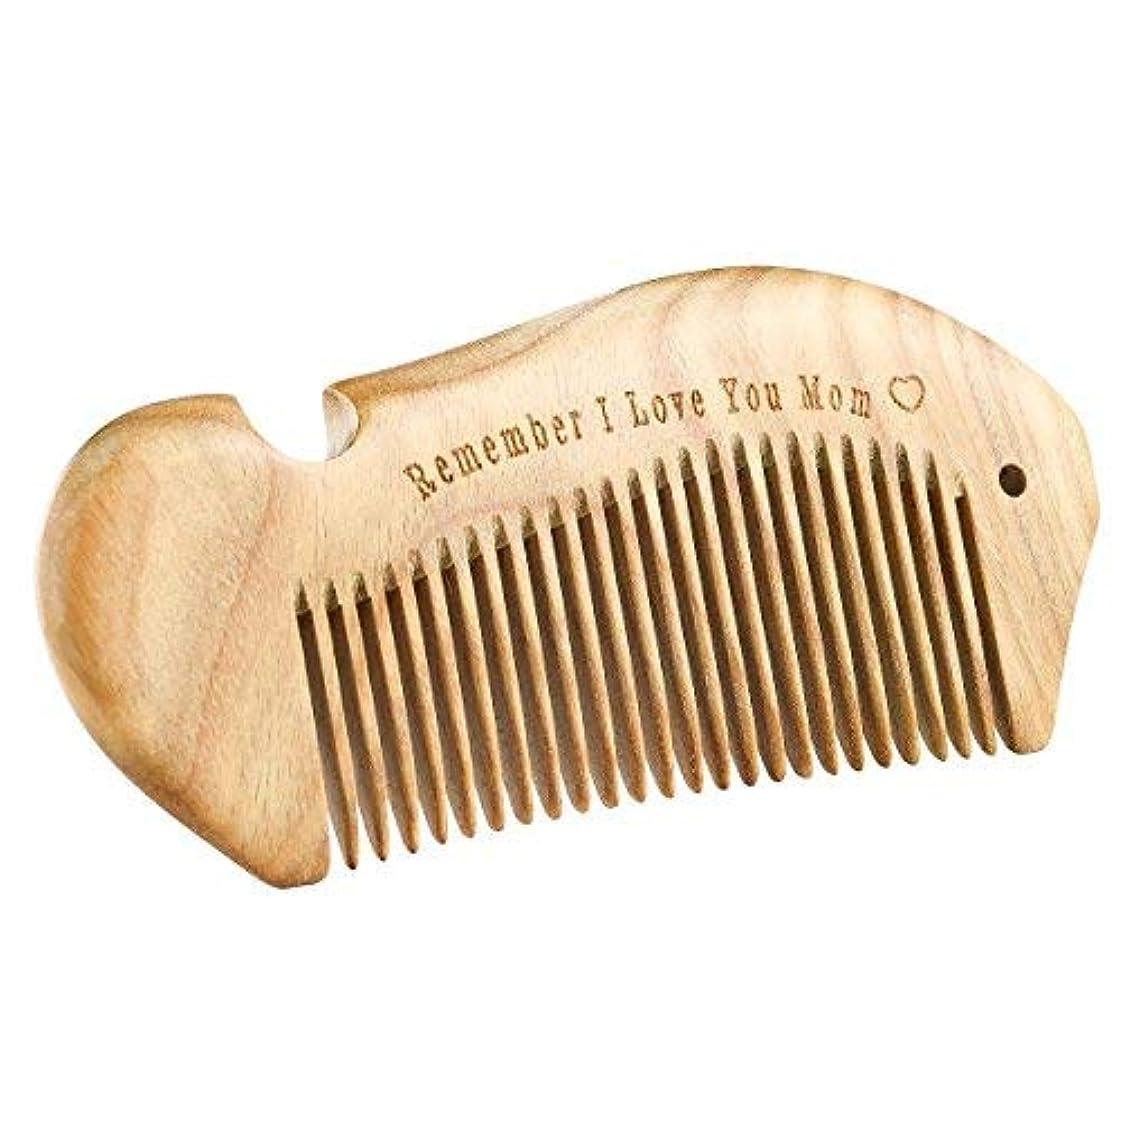 経験者ヘクタール倍増i.VALUX Handmade Sandalwood Hair Comb,No Static Natural Aroma Wood Comb for Curly Hair [並行輸入品]